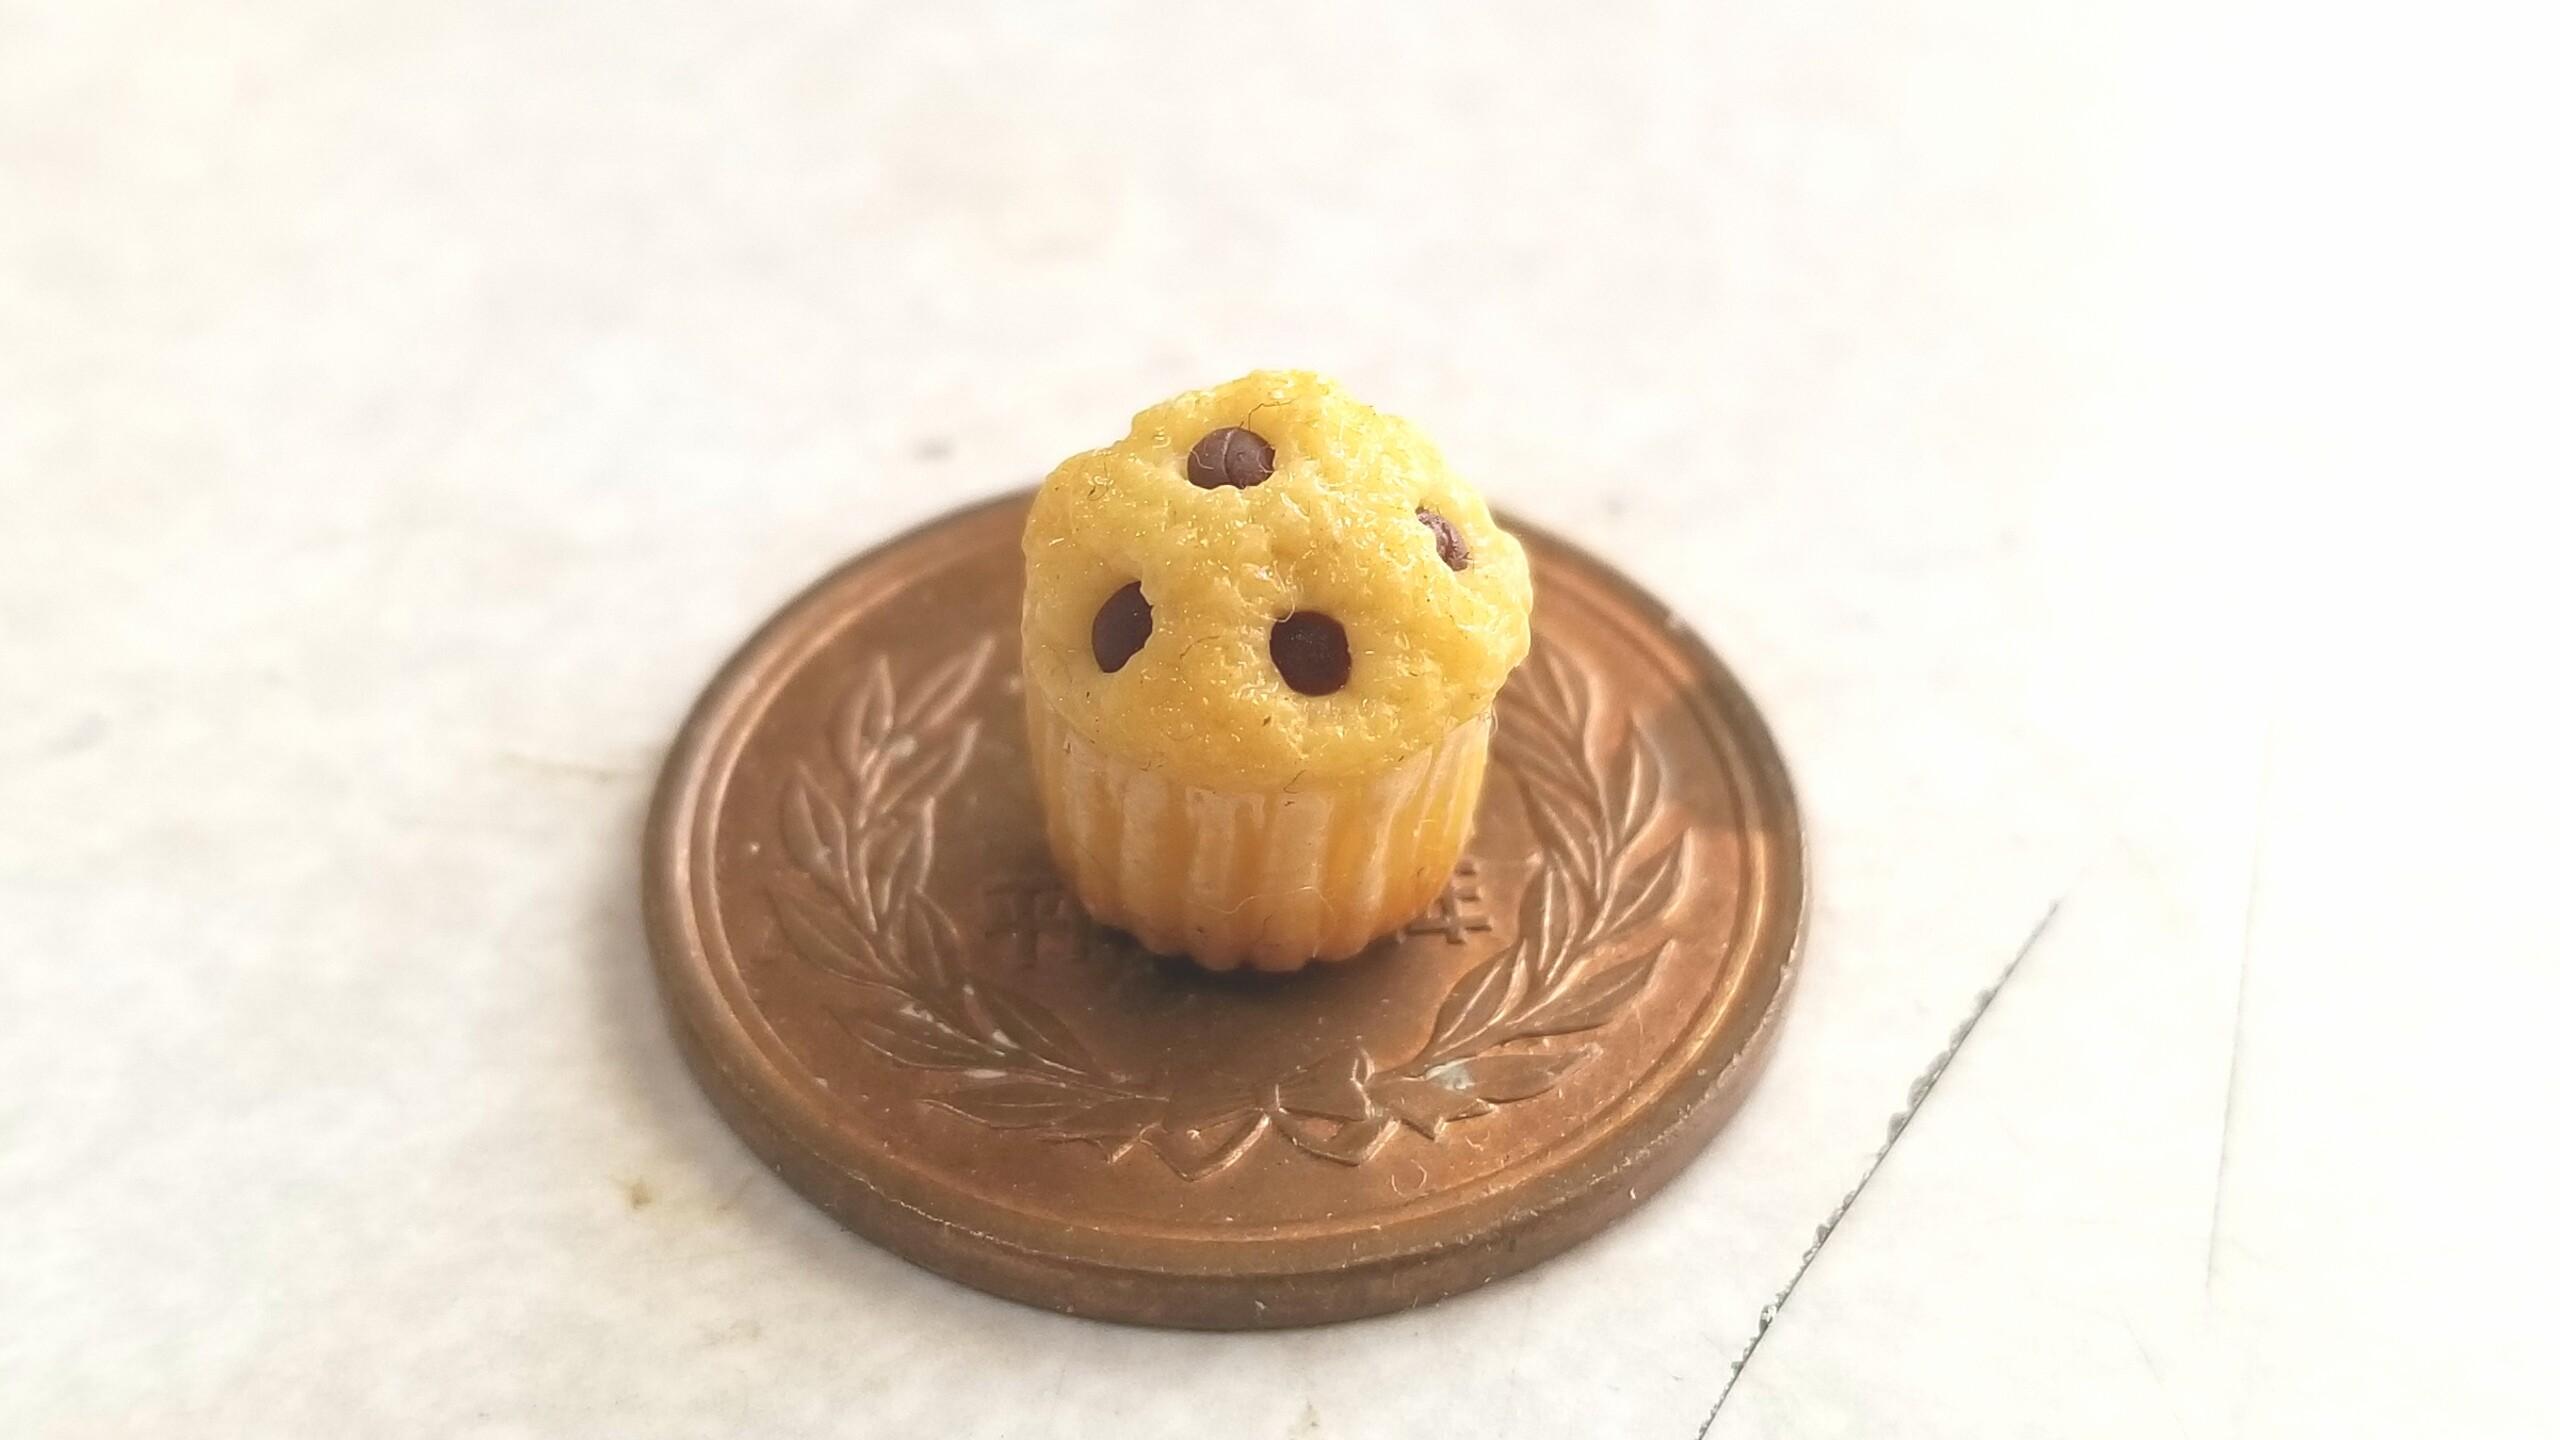 ミニチュアフードカップケーキマフィンかわいいお菓子スイーツ人気